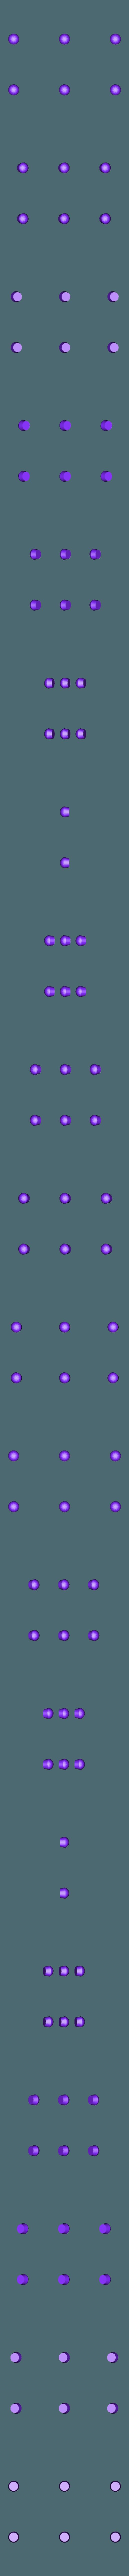 whisker_dots.stl Télécharger fichier STL gratuit Bébé Chat Potté • Objet à imprimer en 3D, reddadsteve